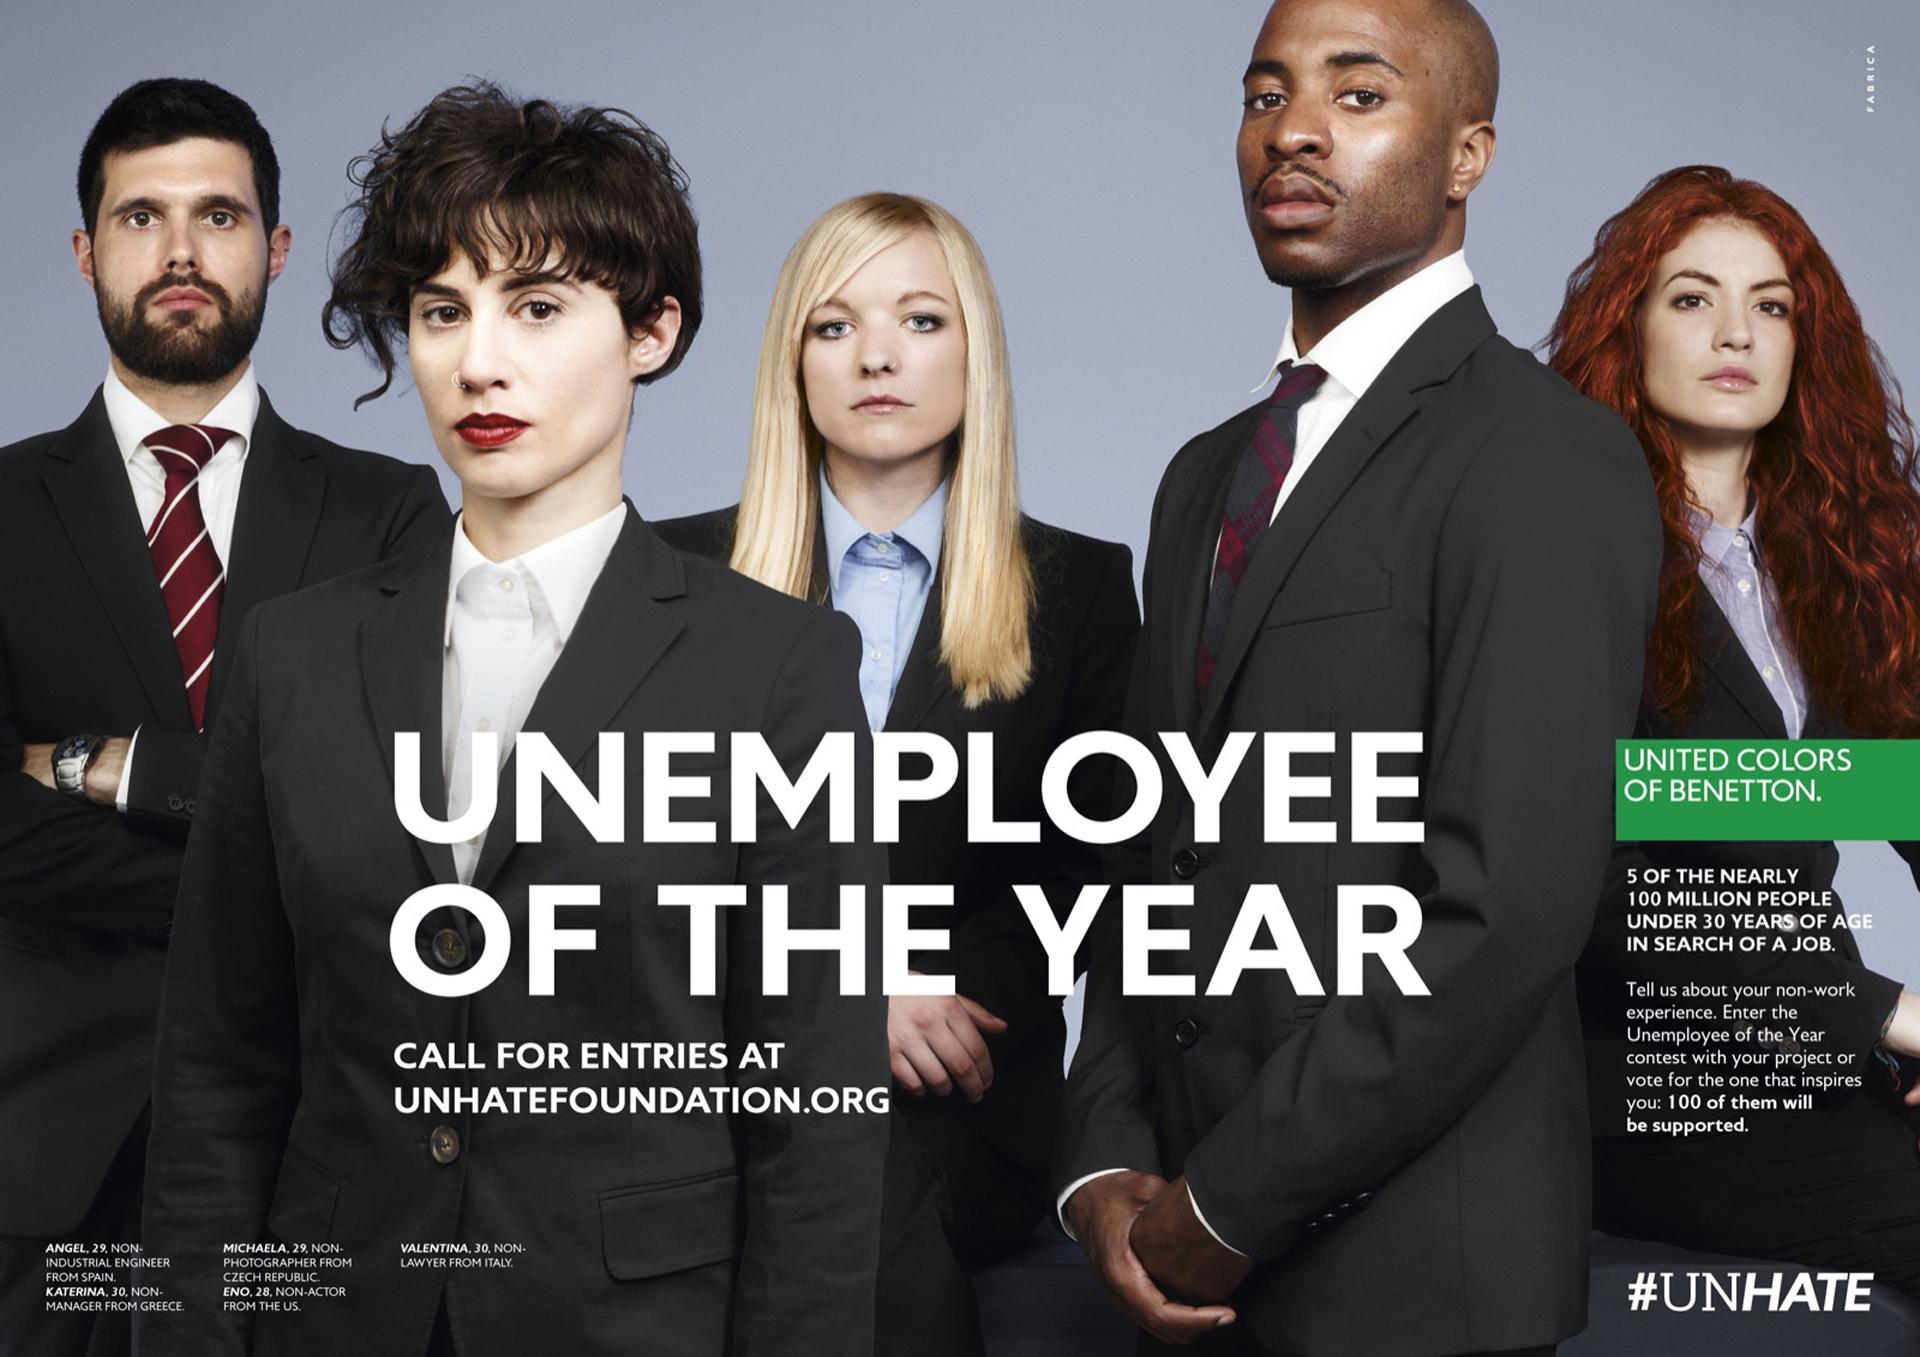 """2012. """"Unemployee of the year"""". Bajo ese enfoque, Benetton presentóuna imagen que representa el hecho de que 5 de más de 100 millones de personas con menos de 30 años están en búsqueda de un trabajo. En el 2012 una crisis económica culminó con oportunidades laborales de muchas personas. Esta campaña incluyó un video con varios jóvenes que a pesar de tener una amplia formación académica estaban desempleados"""